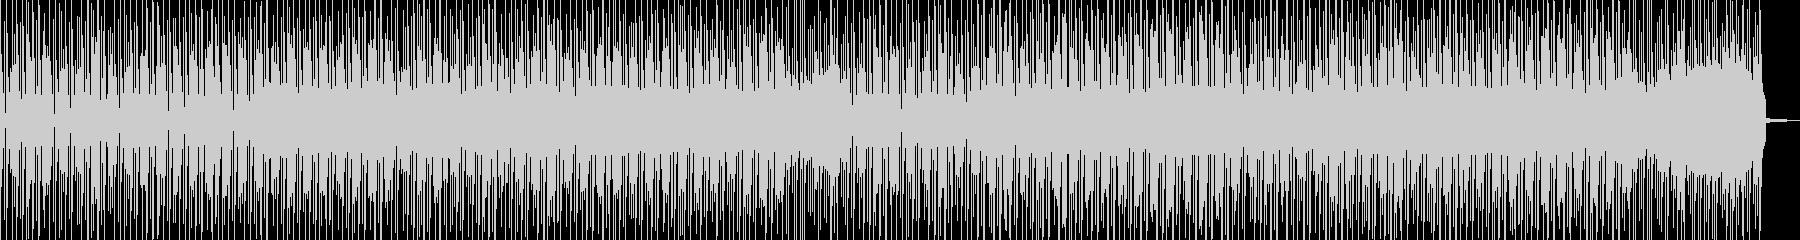 日常を彩るウクレレ&ギターポップス Cの未再生の波形